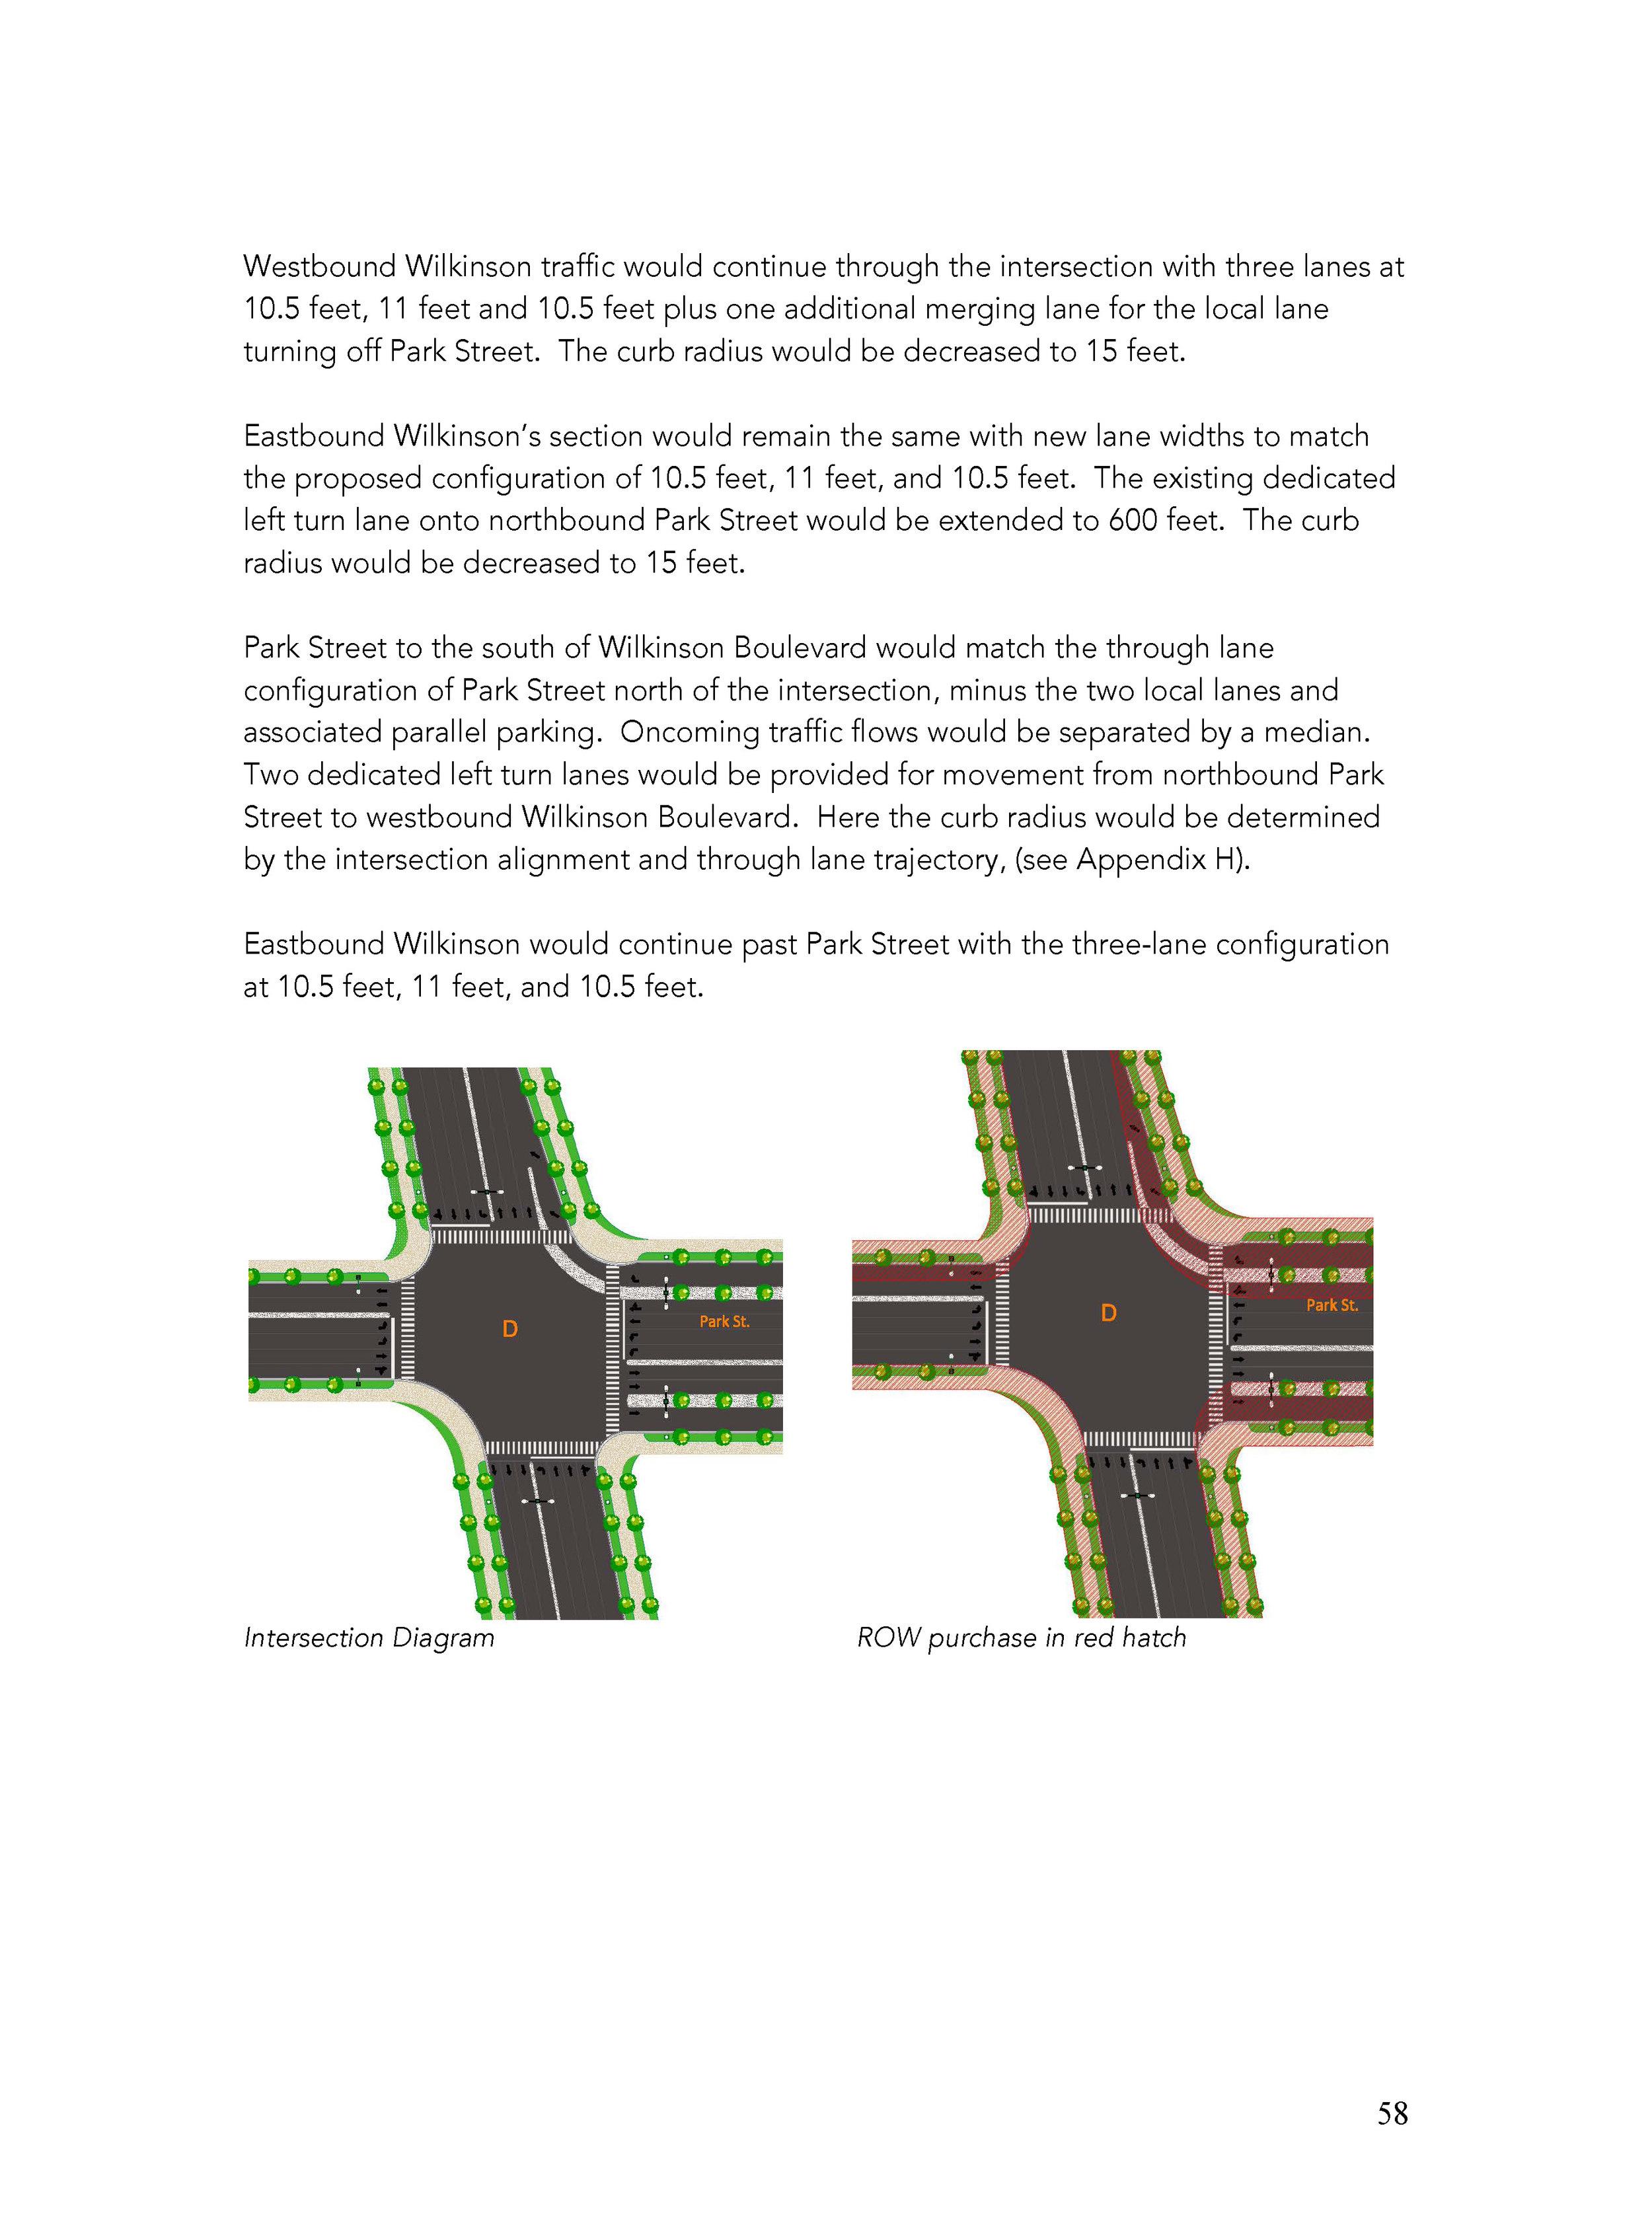 1 WilkinsonBlvd Draft Report 1-22-15 RH_Peter Edit_Page_58.jpg